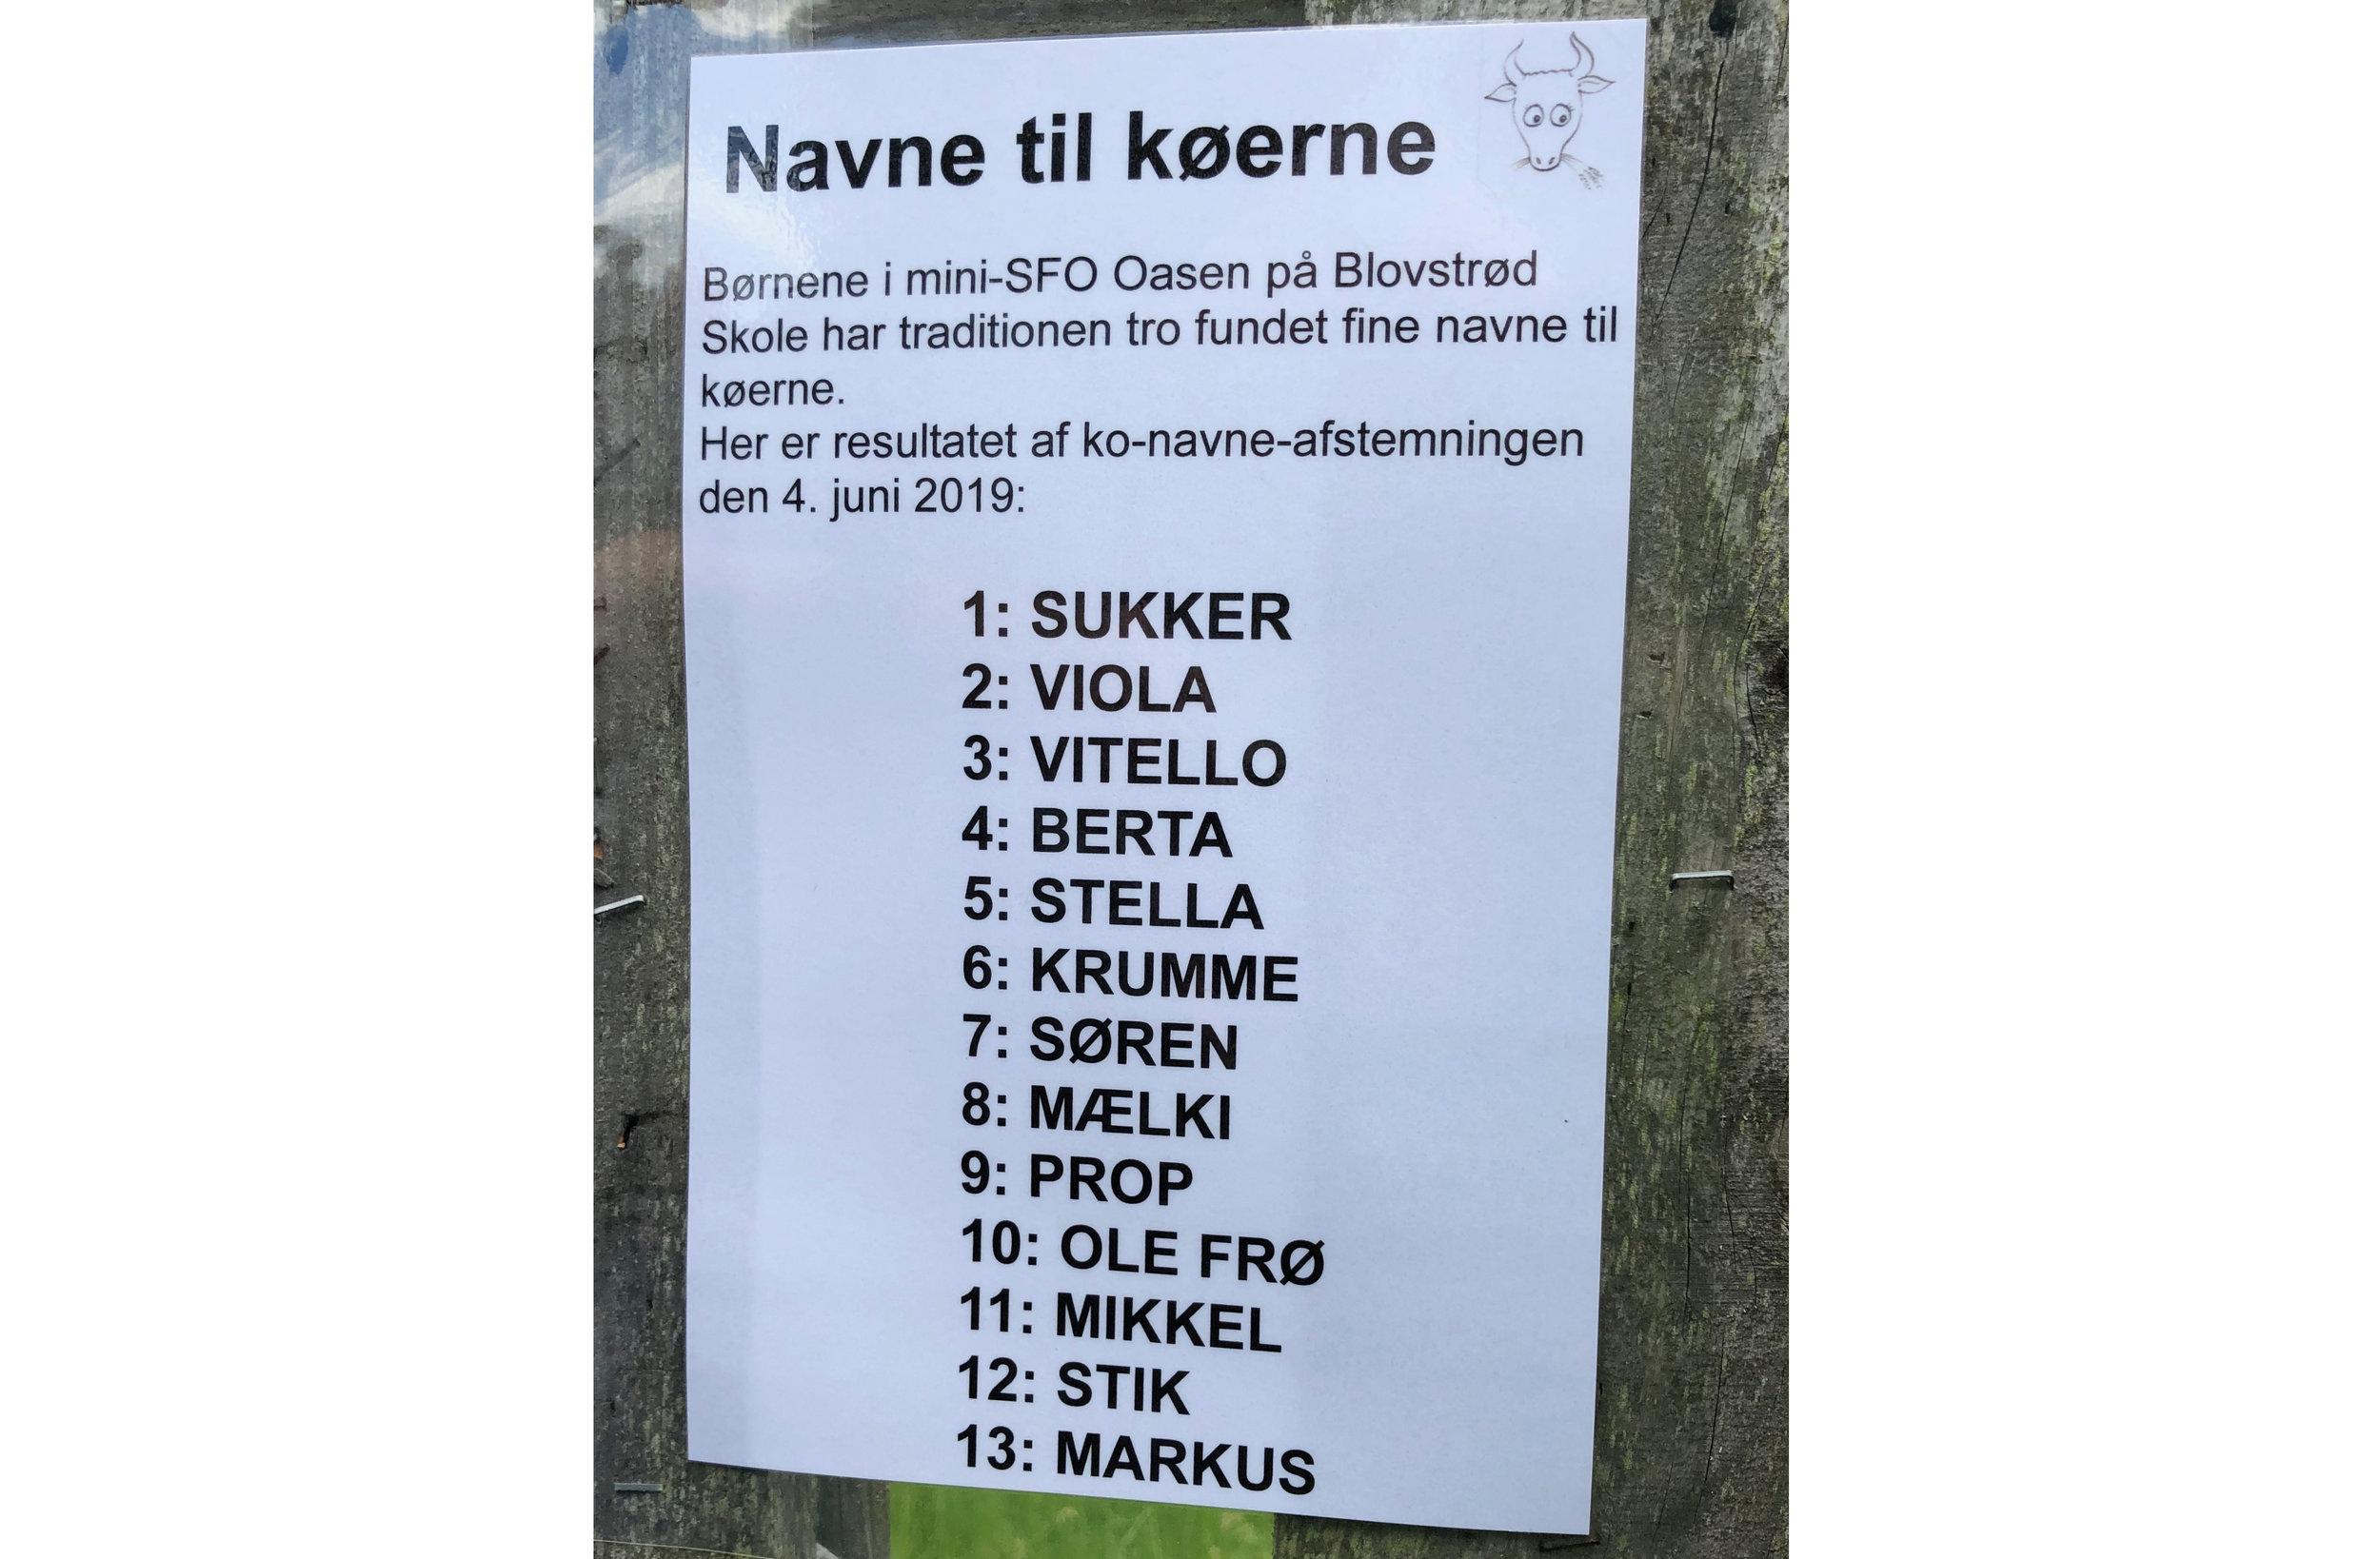 Børnene i mini-SFO Oasen på Blovstrød Skole har traditionen tro fundet fine navne til 13 af køerne. Foto: AOB